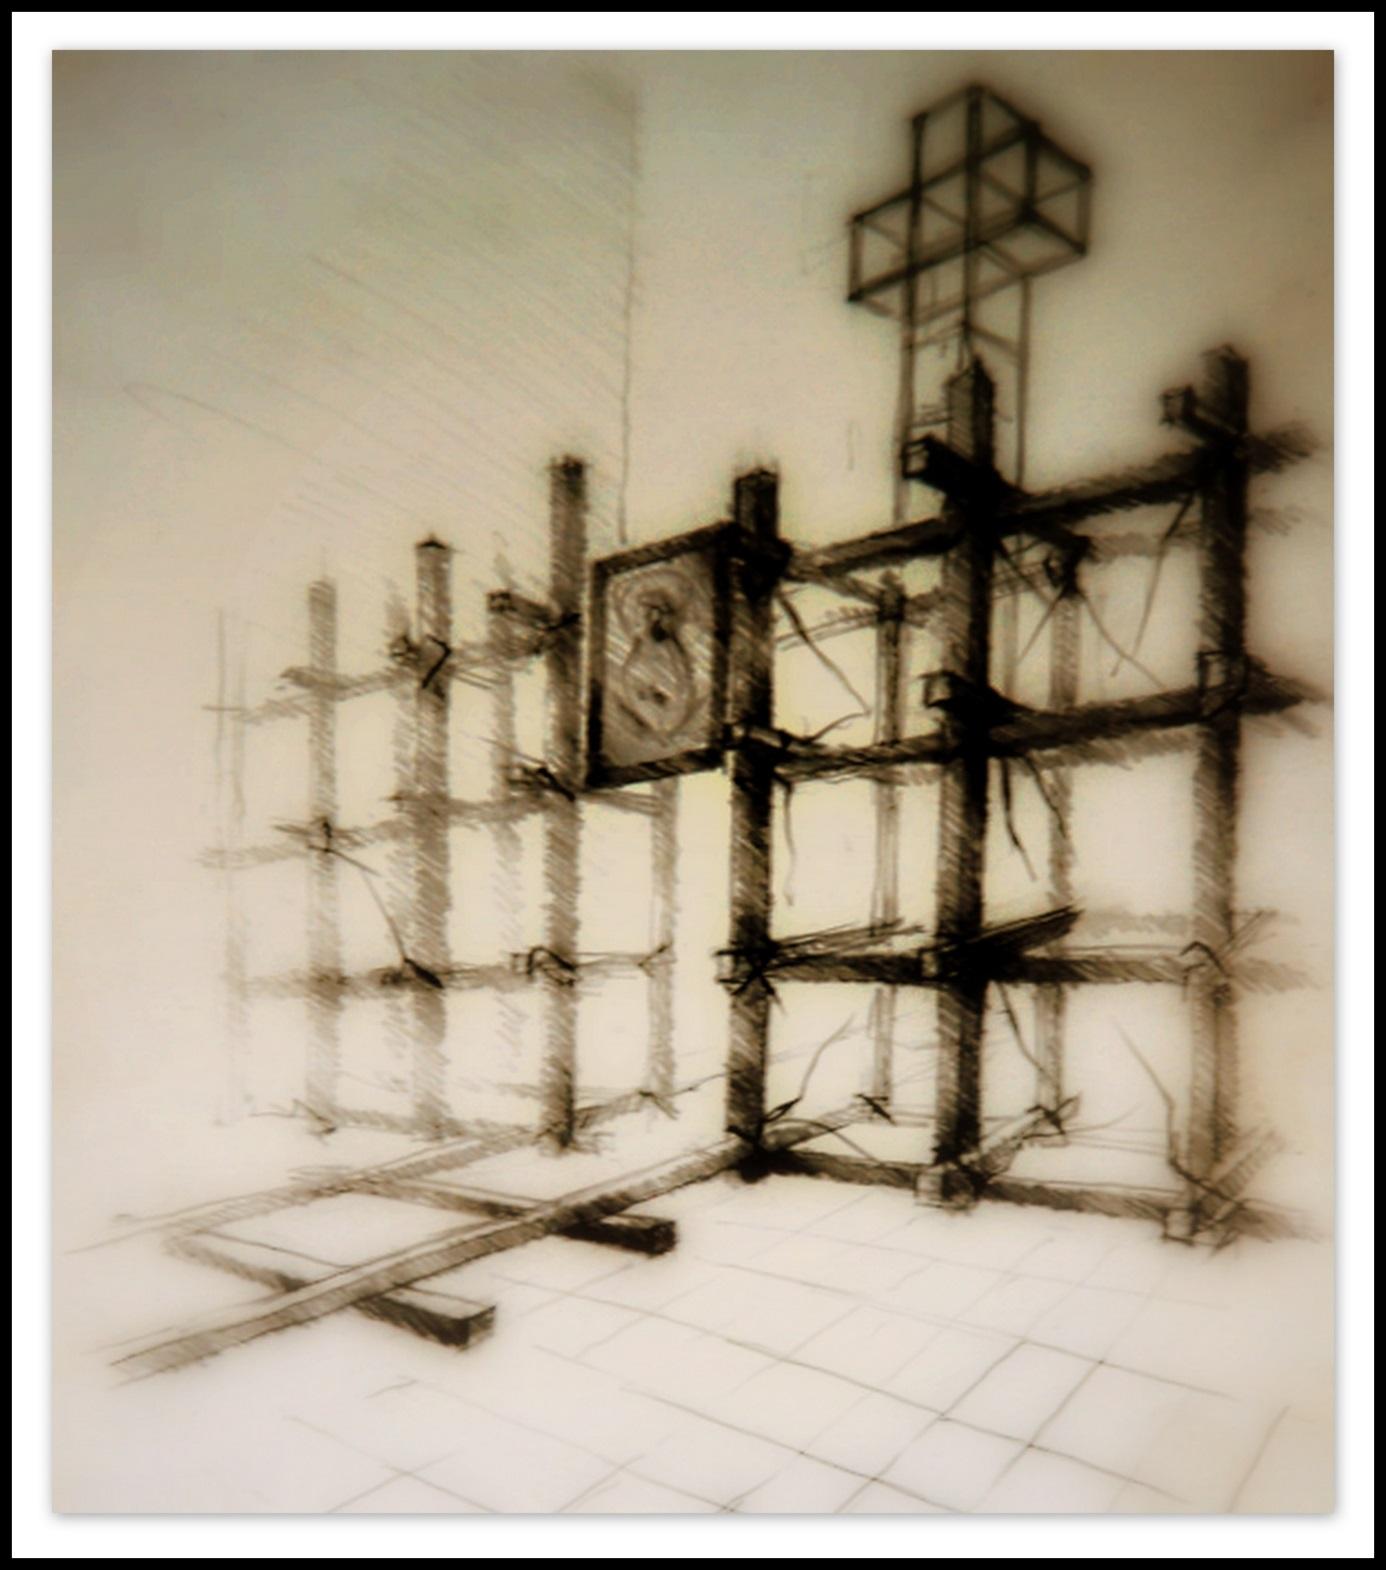 """Projekt koncepcyjny """"POMNIKA OŁTARZA"""" dla Dolnobrzeskiego Koła Związku Sybiraków, do Kościoła pod wezwaniem """"Chrystusa Króla"""" w Brzegu Dolnym, Wrocław 1999"""